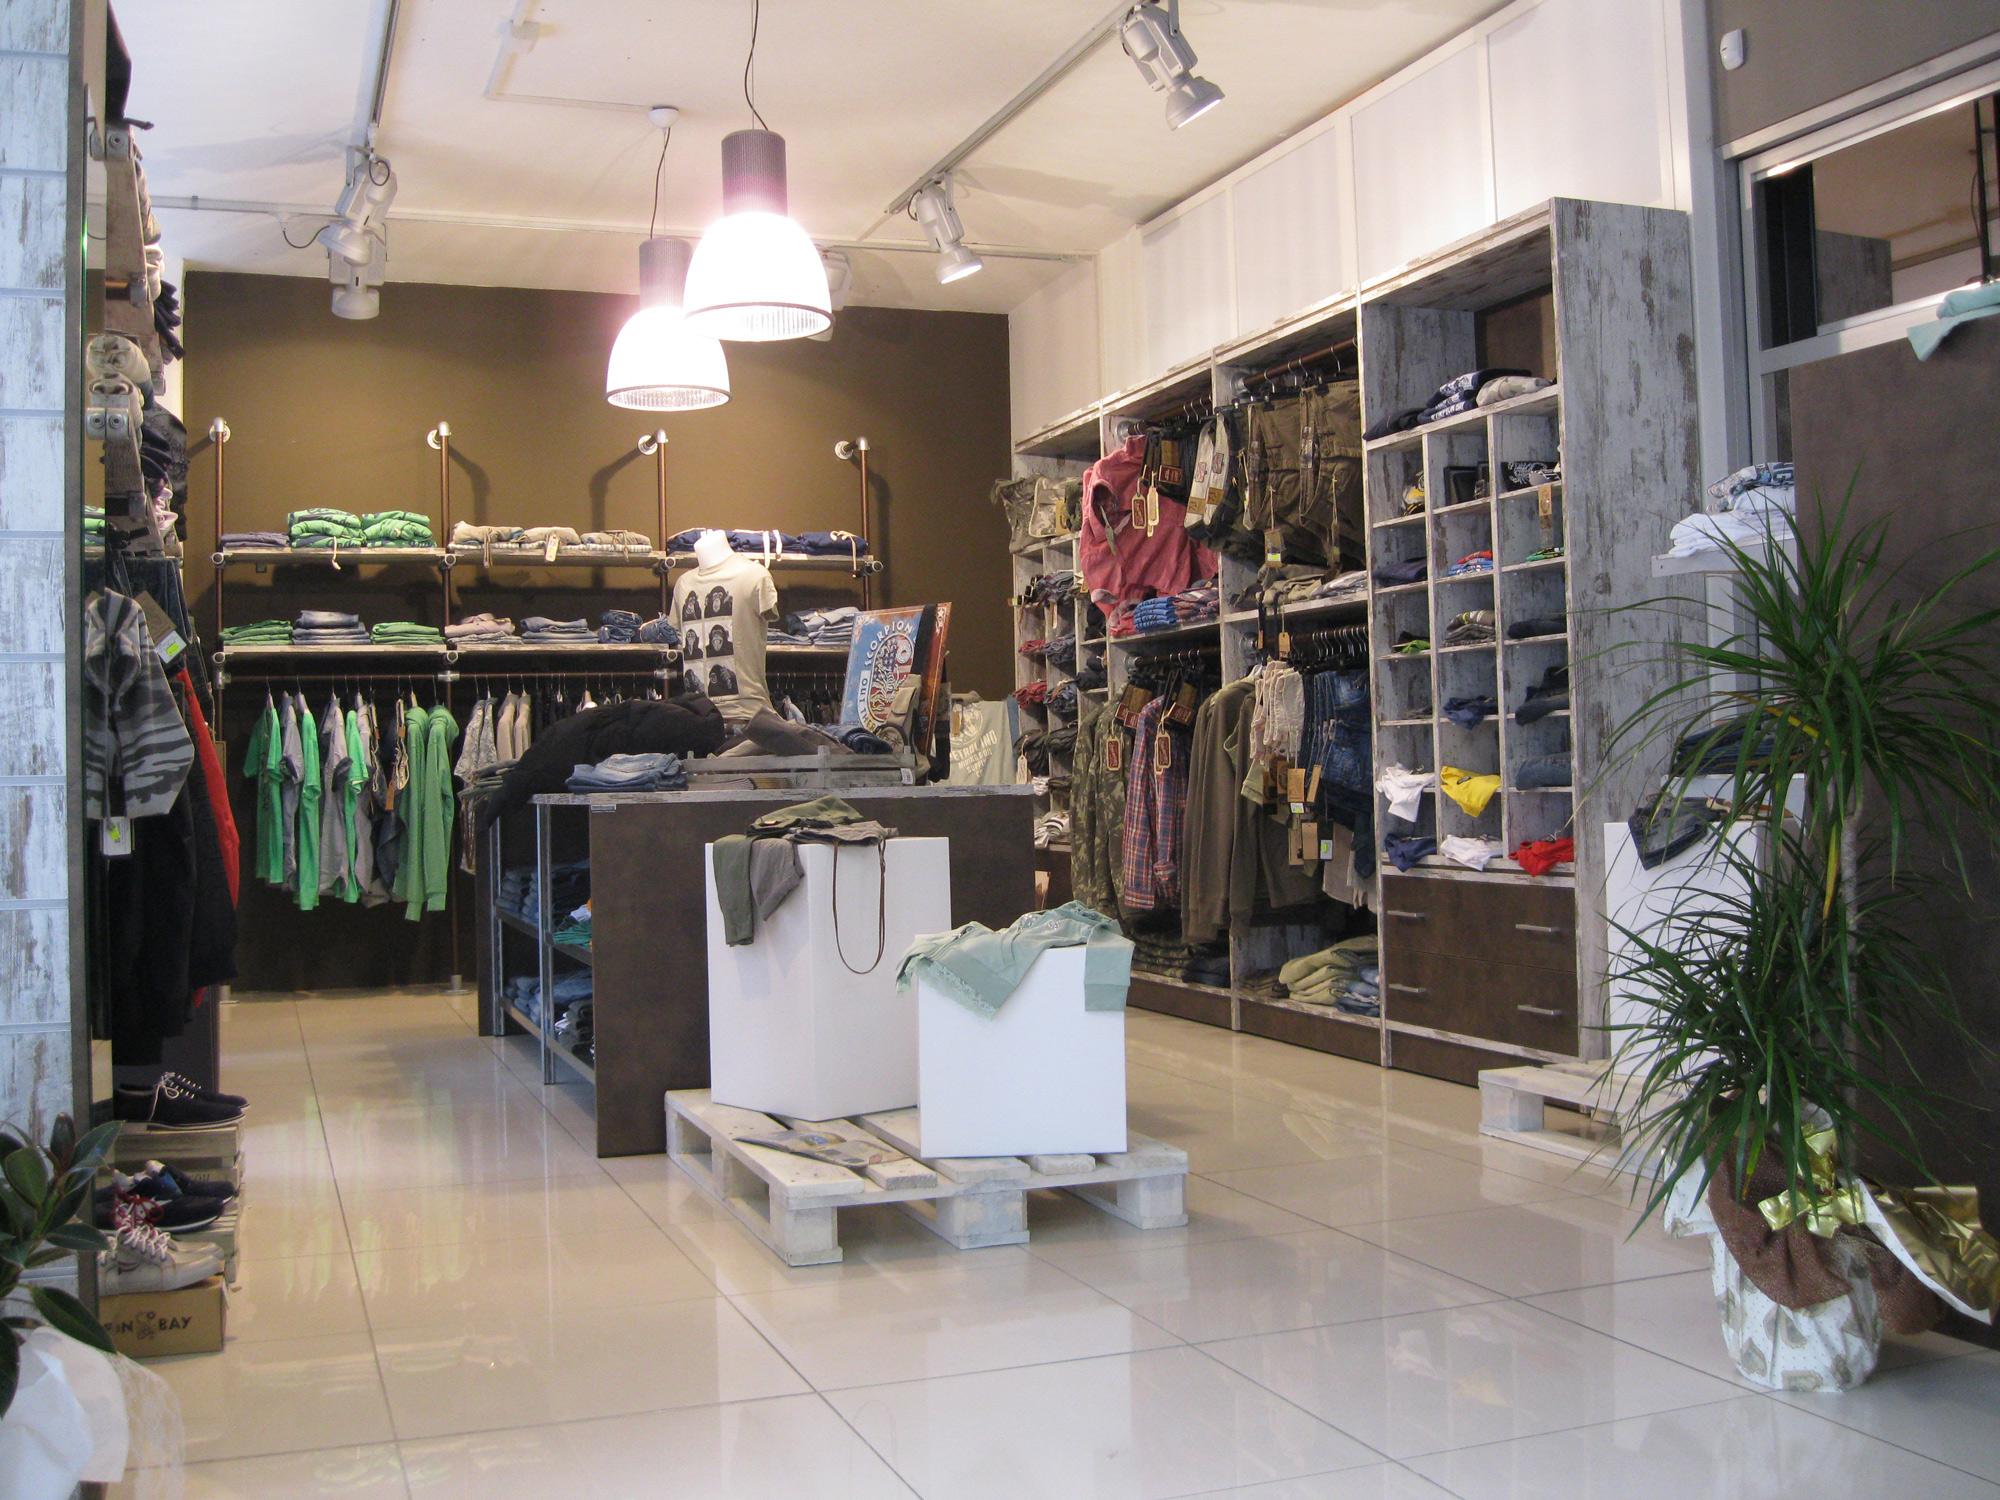 Arredamento per negozi di abbigliamento arredamento for Negozi arredamento lucca